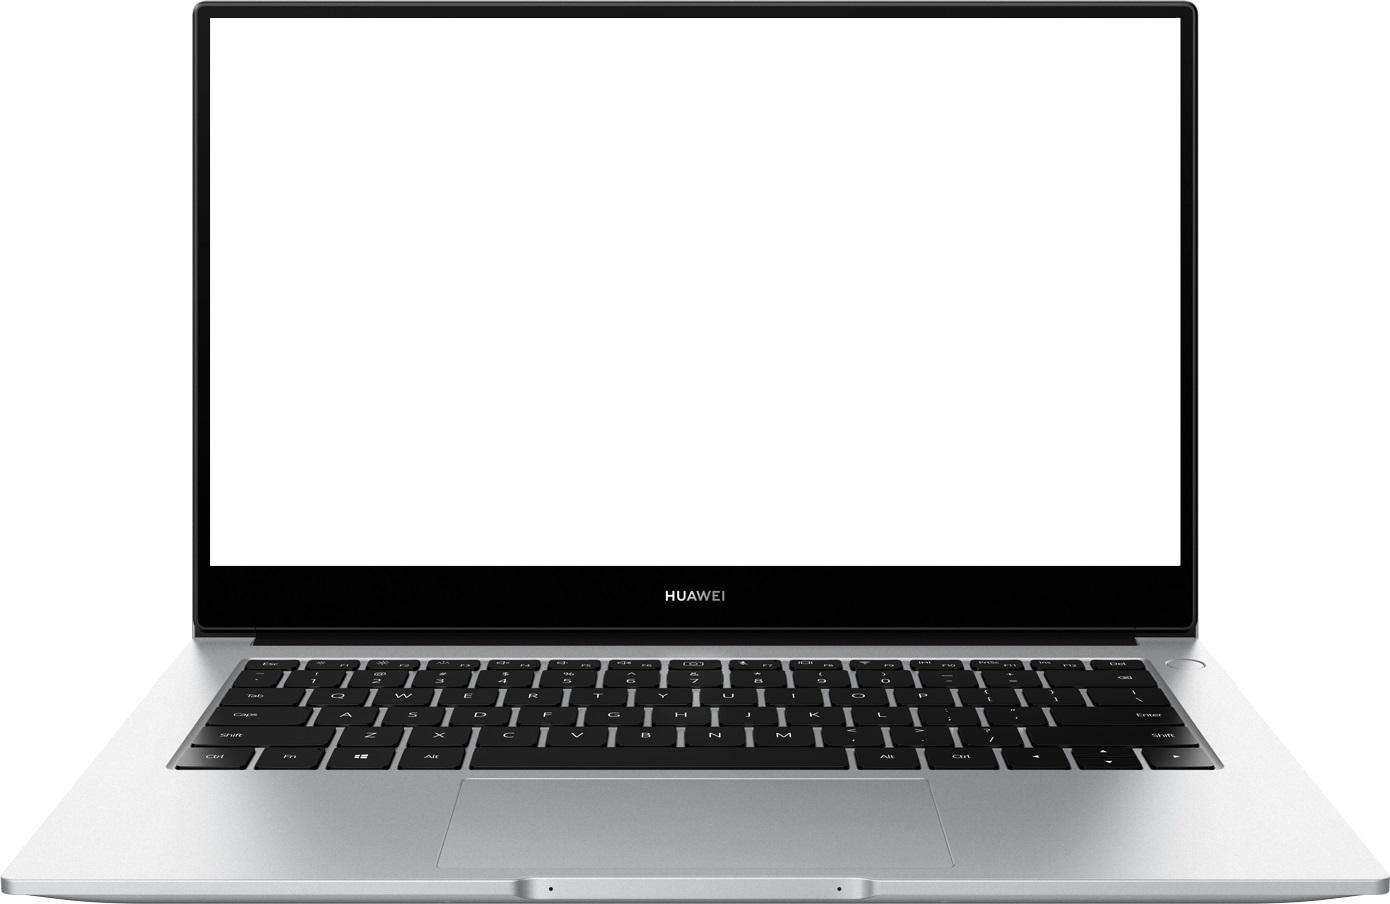 Huawei MateBook D 14 2021 laptop